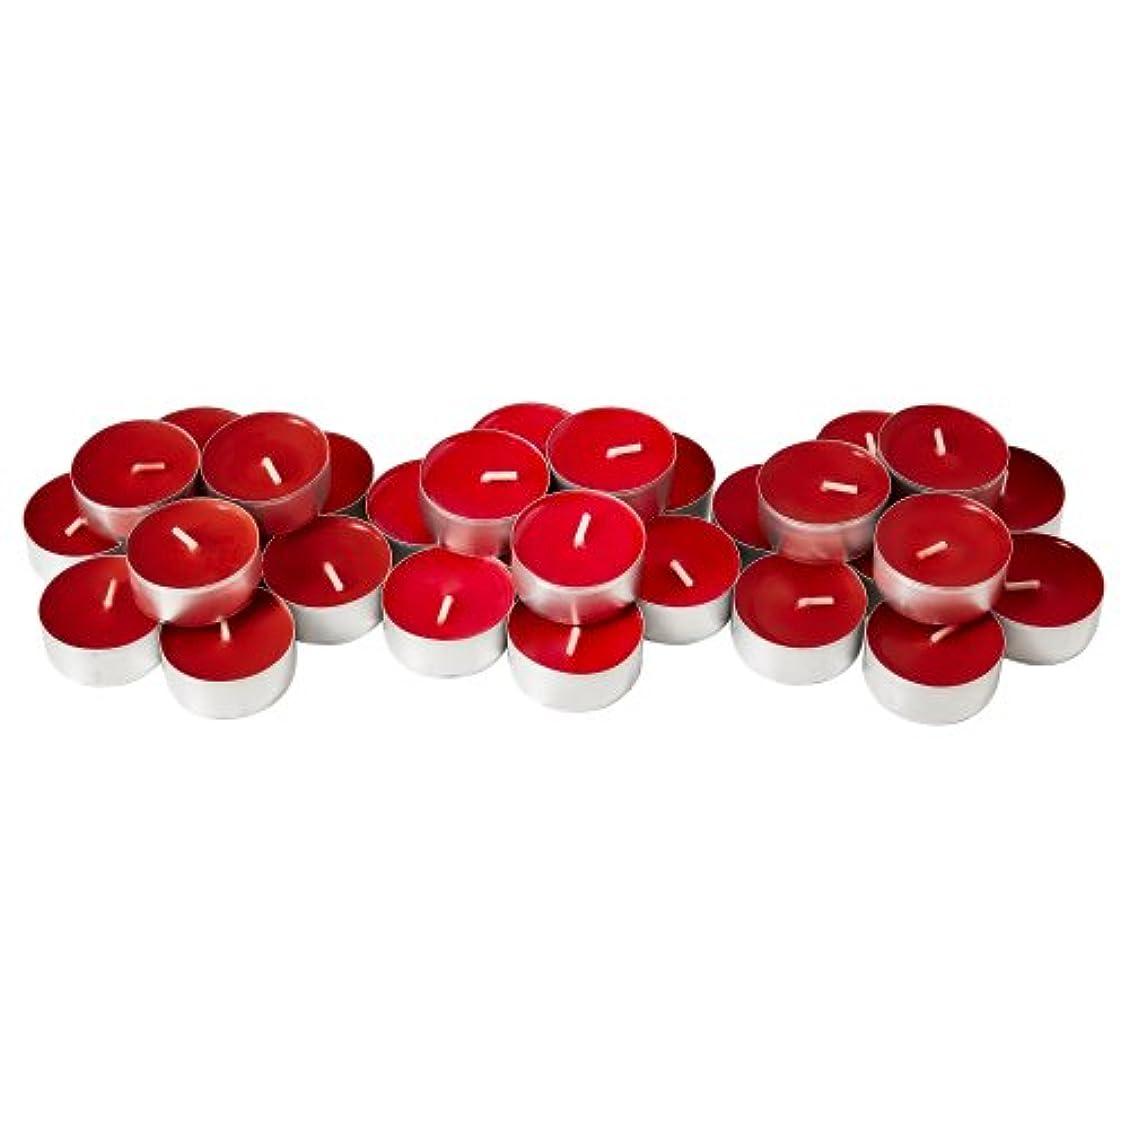 ゴムジョグデザイナーIKEA SINNLIG 30237708 香り付ティーライト スイートベリー レッド 30 ピース